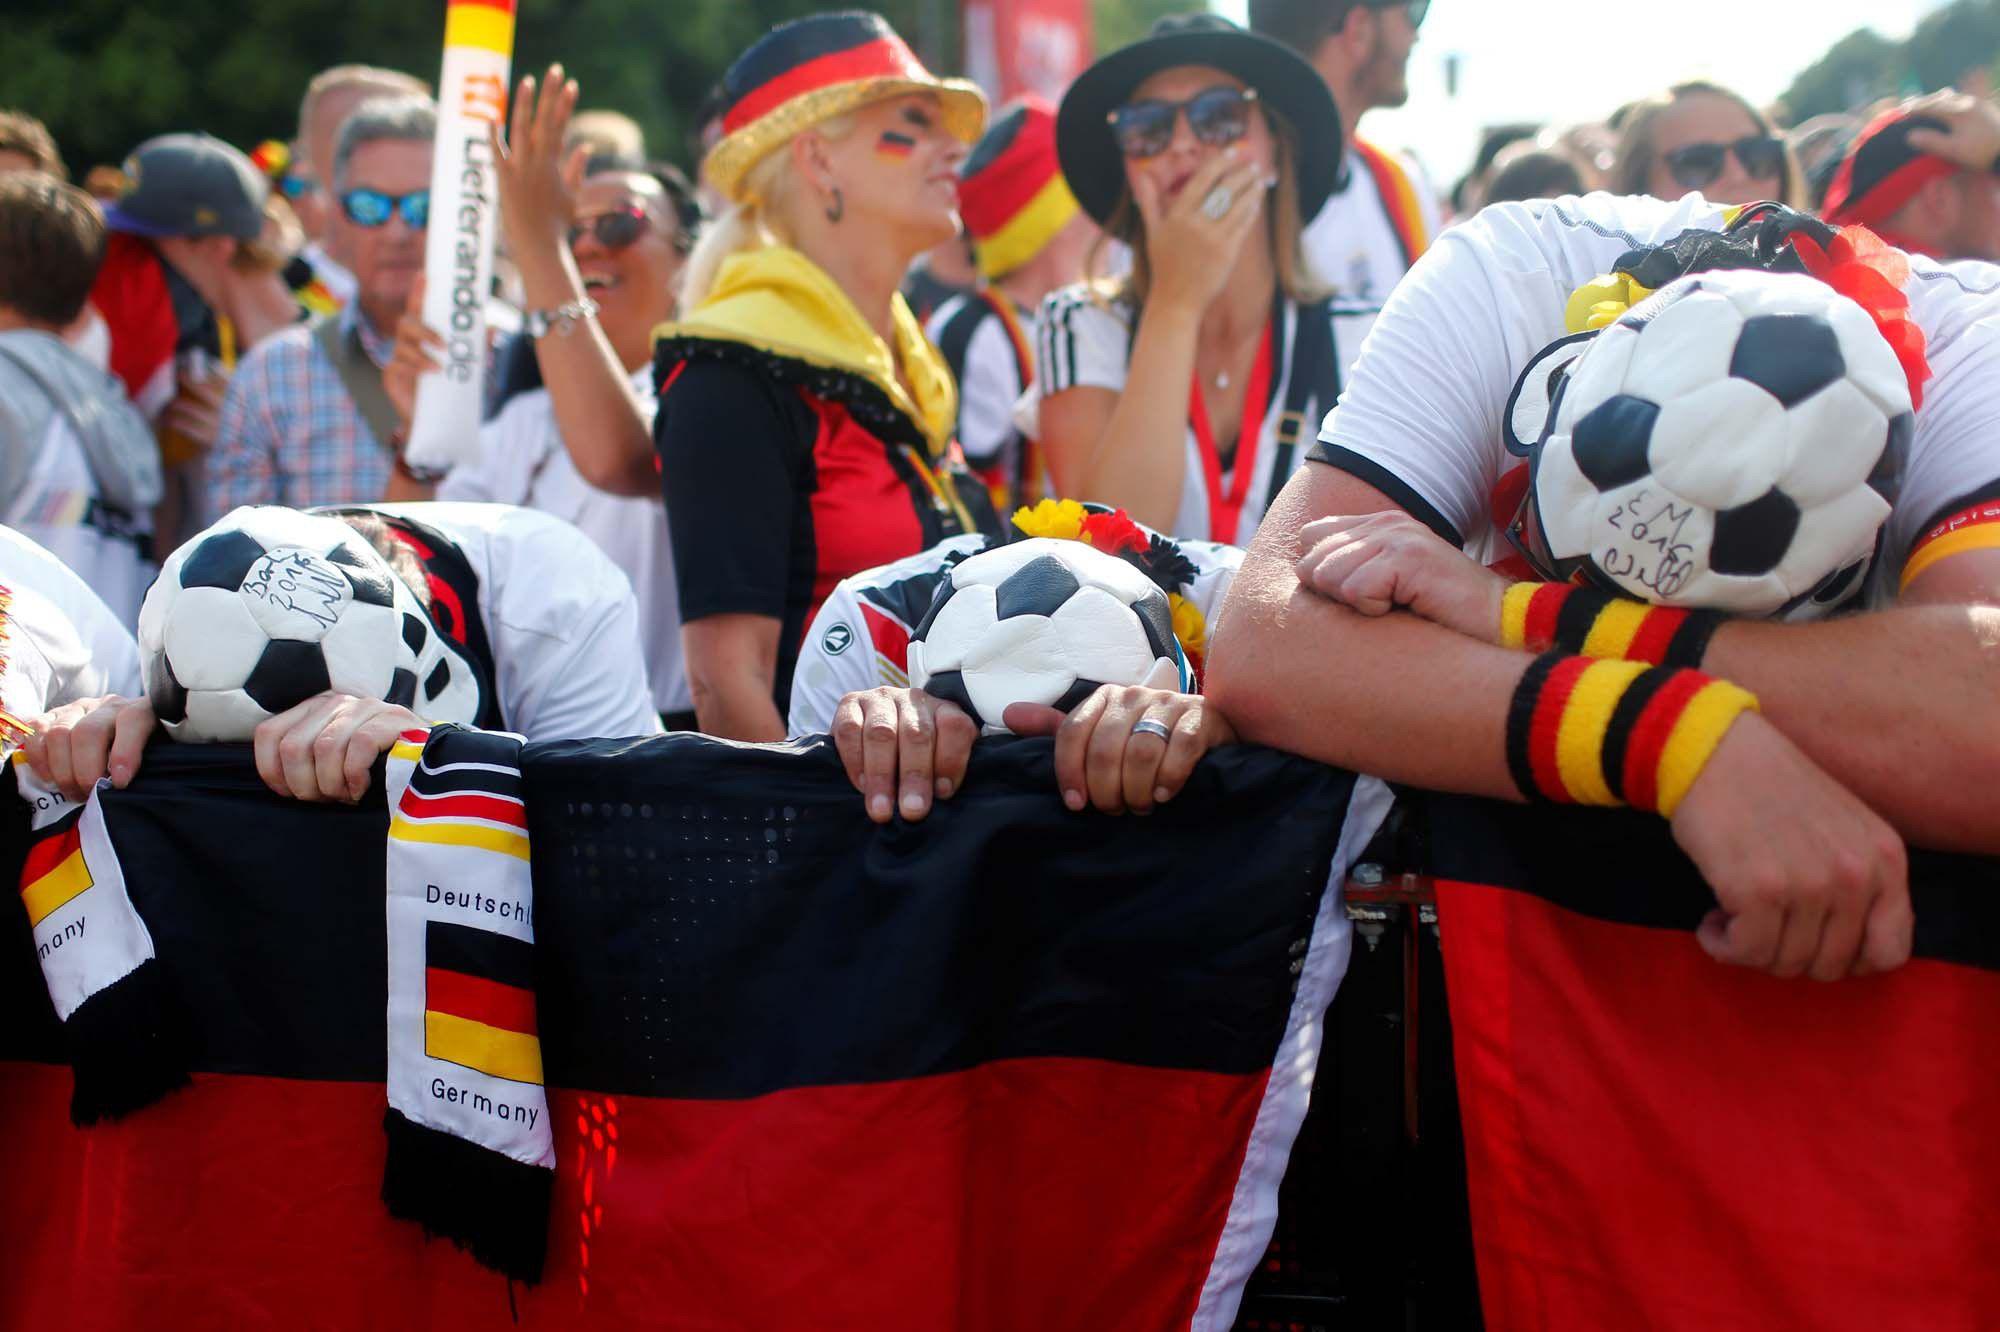 La détresse des supporters à Berlin après la défaite de l'équipe allemande.